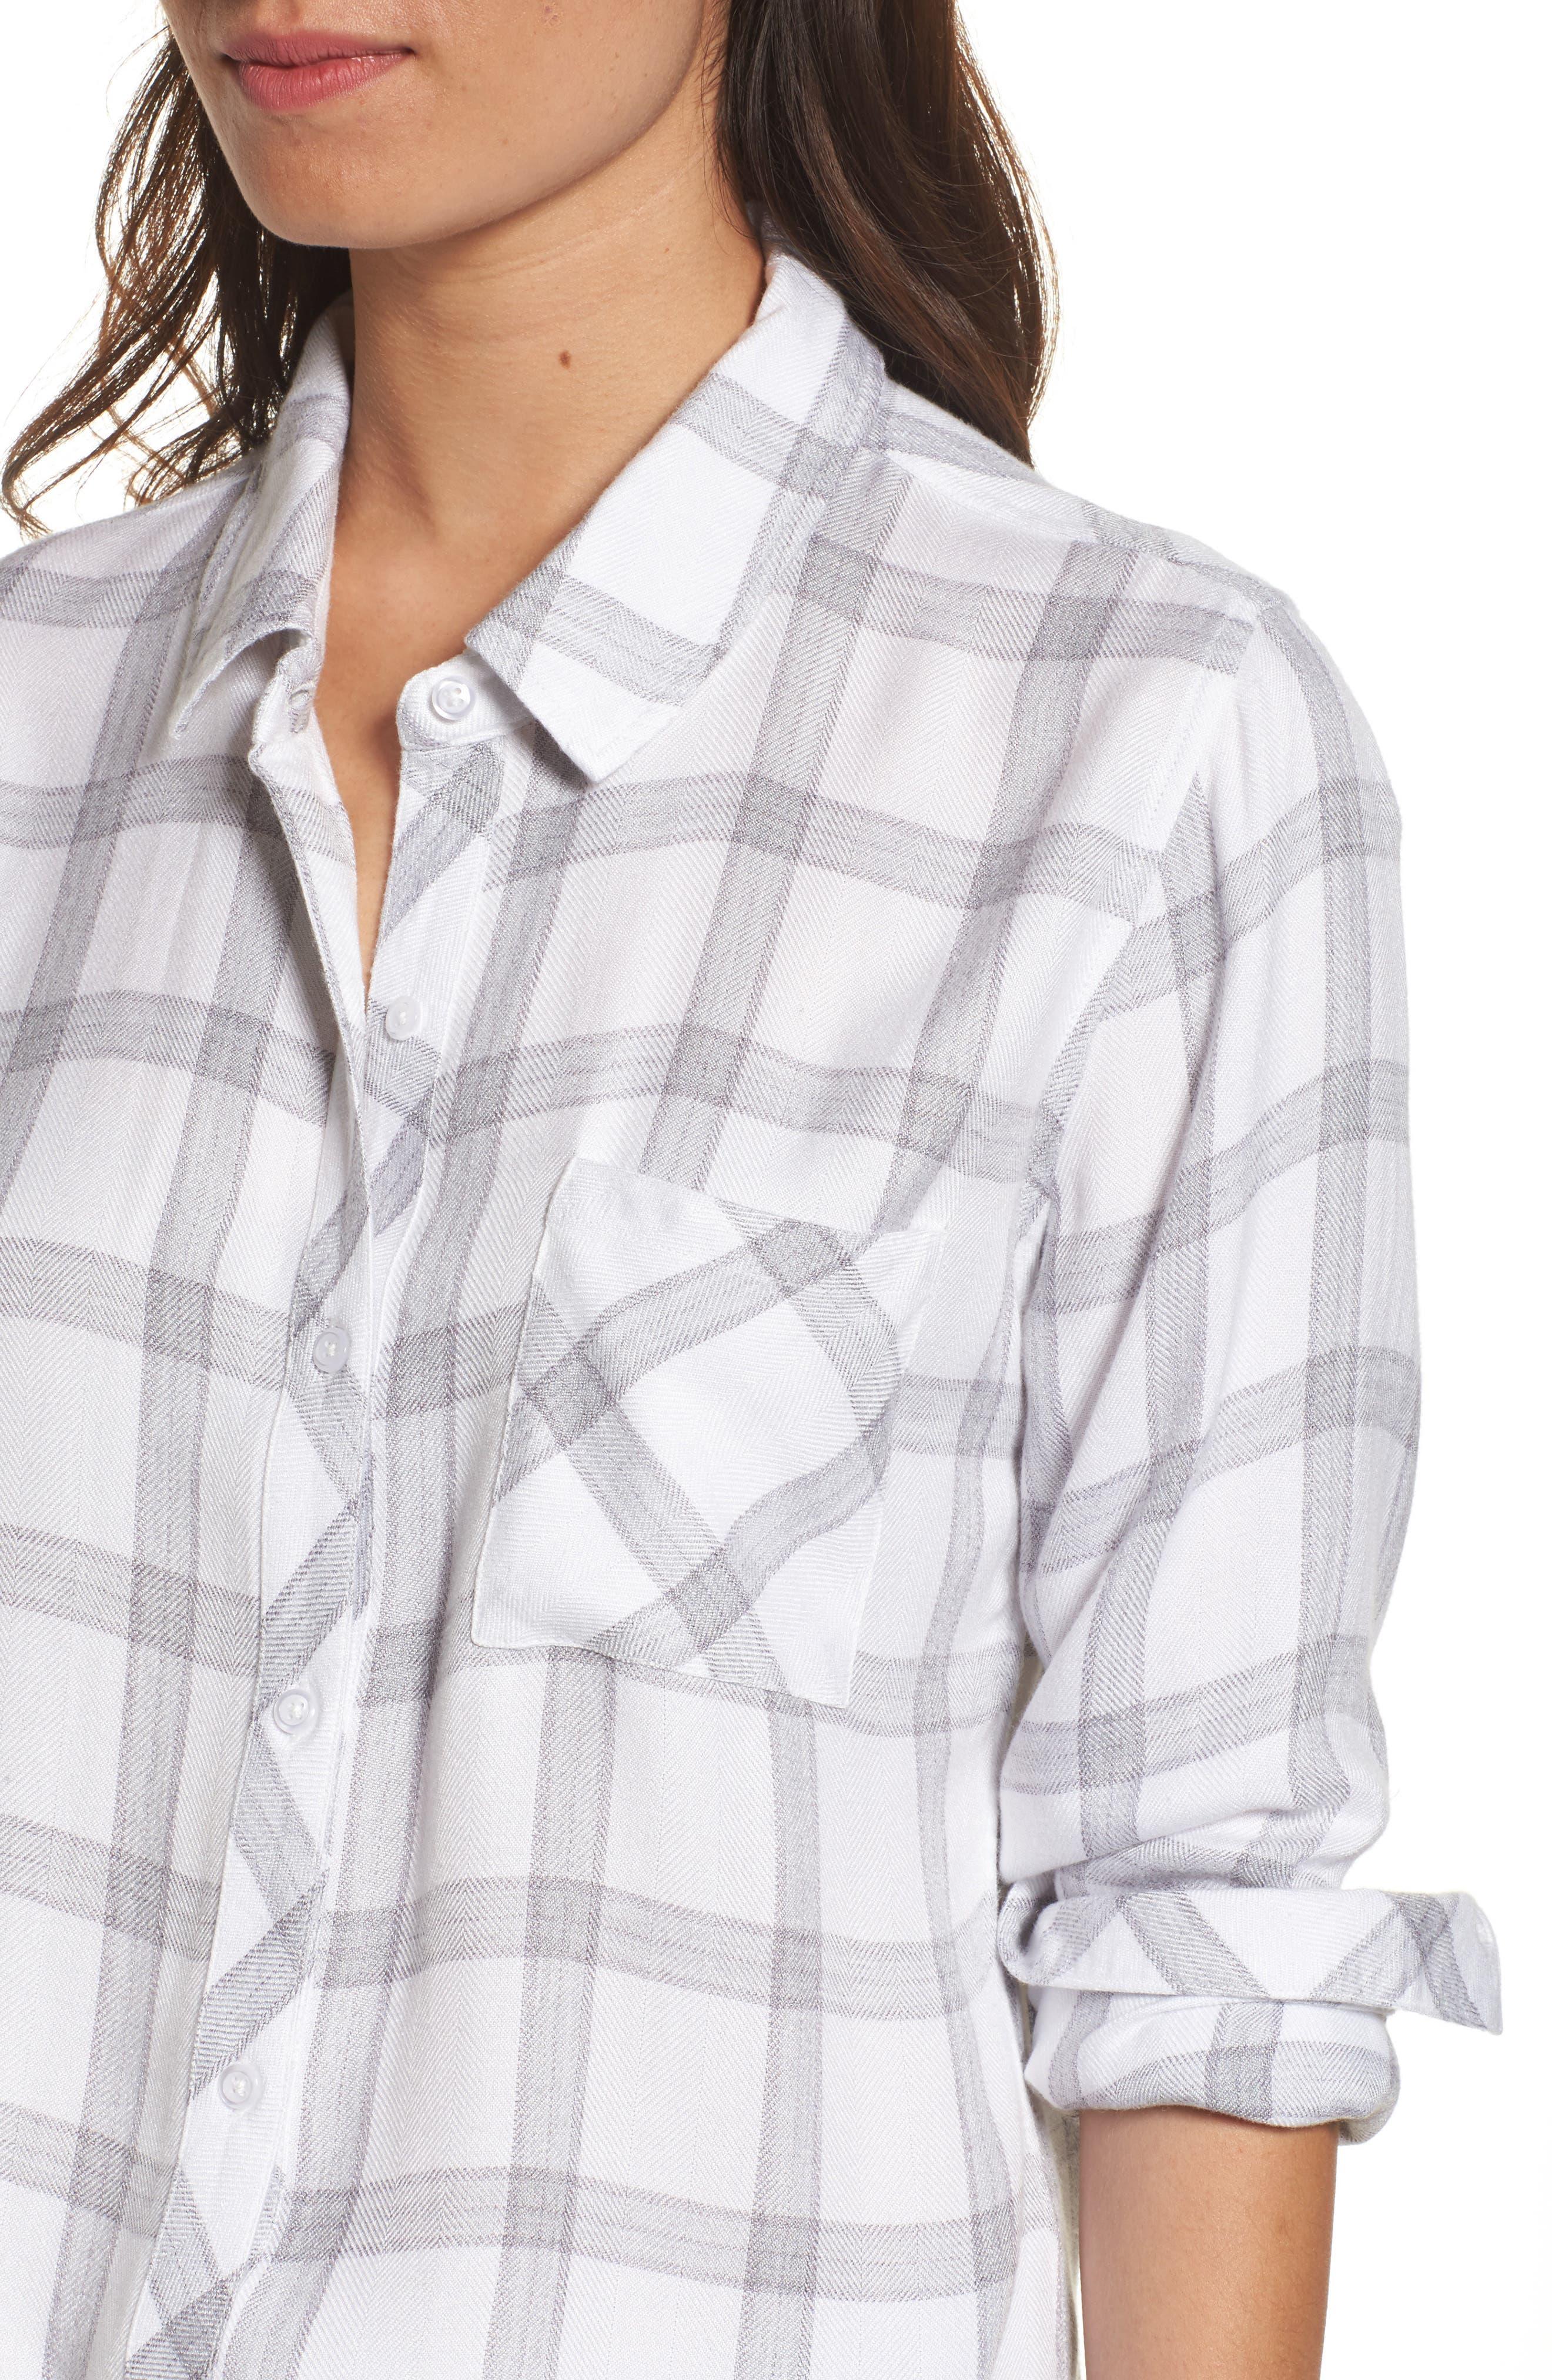 Hunter Plaid Shirt,                             Alternate thumbnail 519, color,